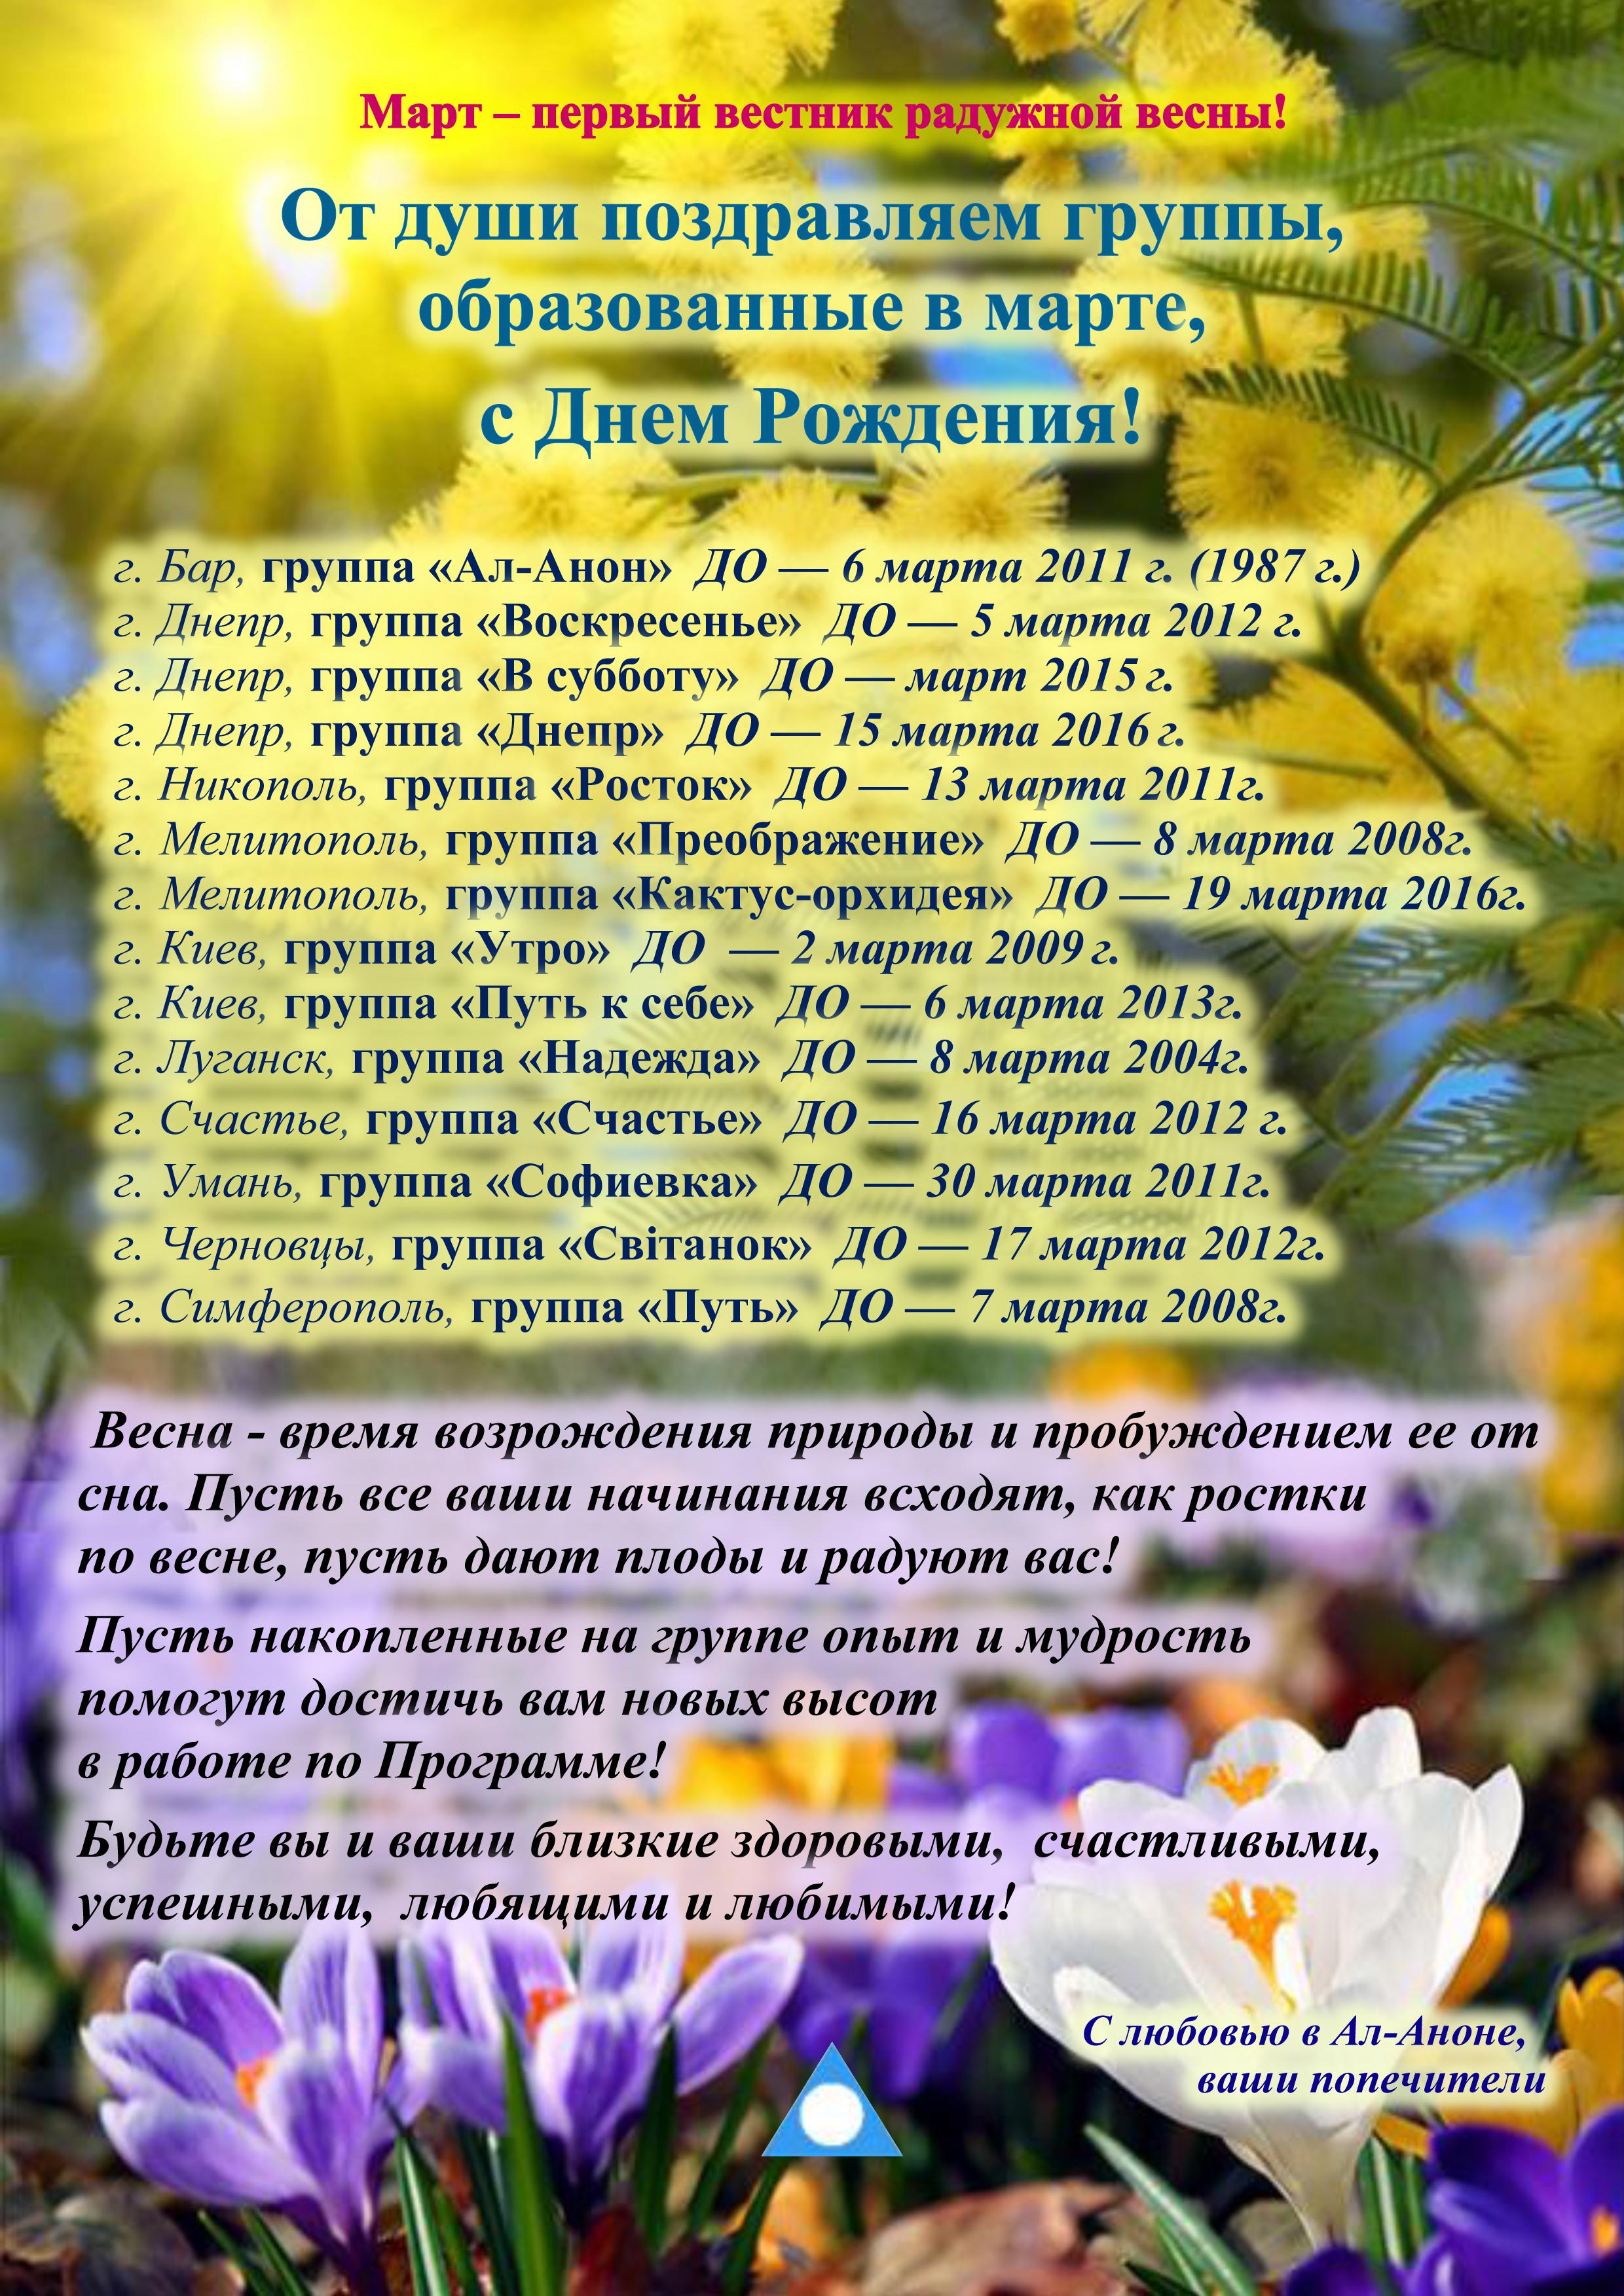 Поздравление_март